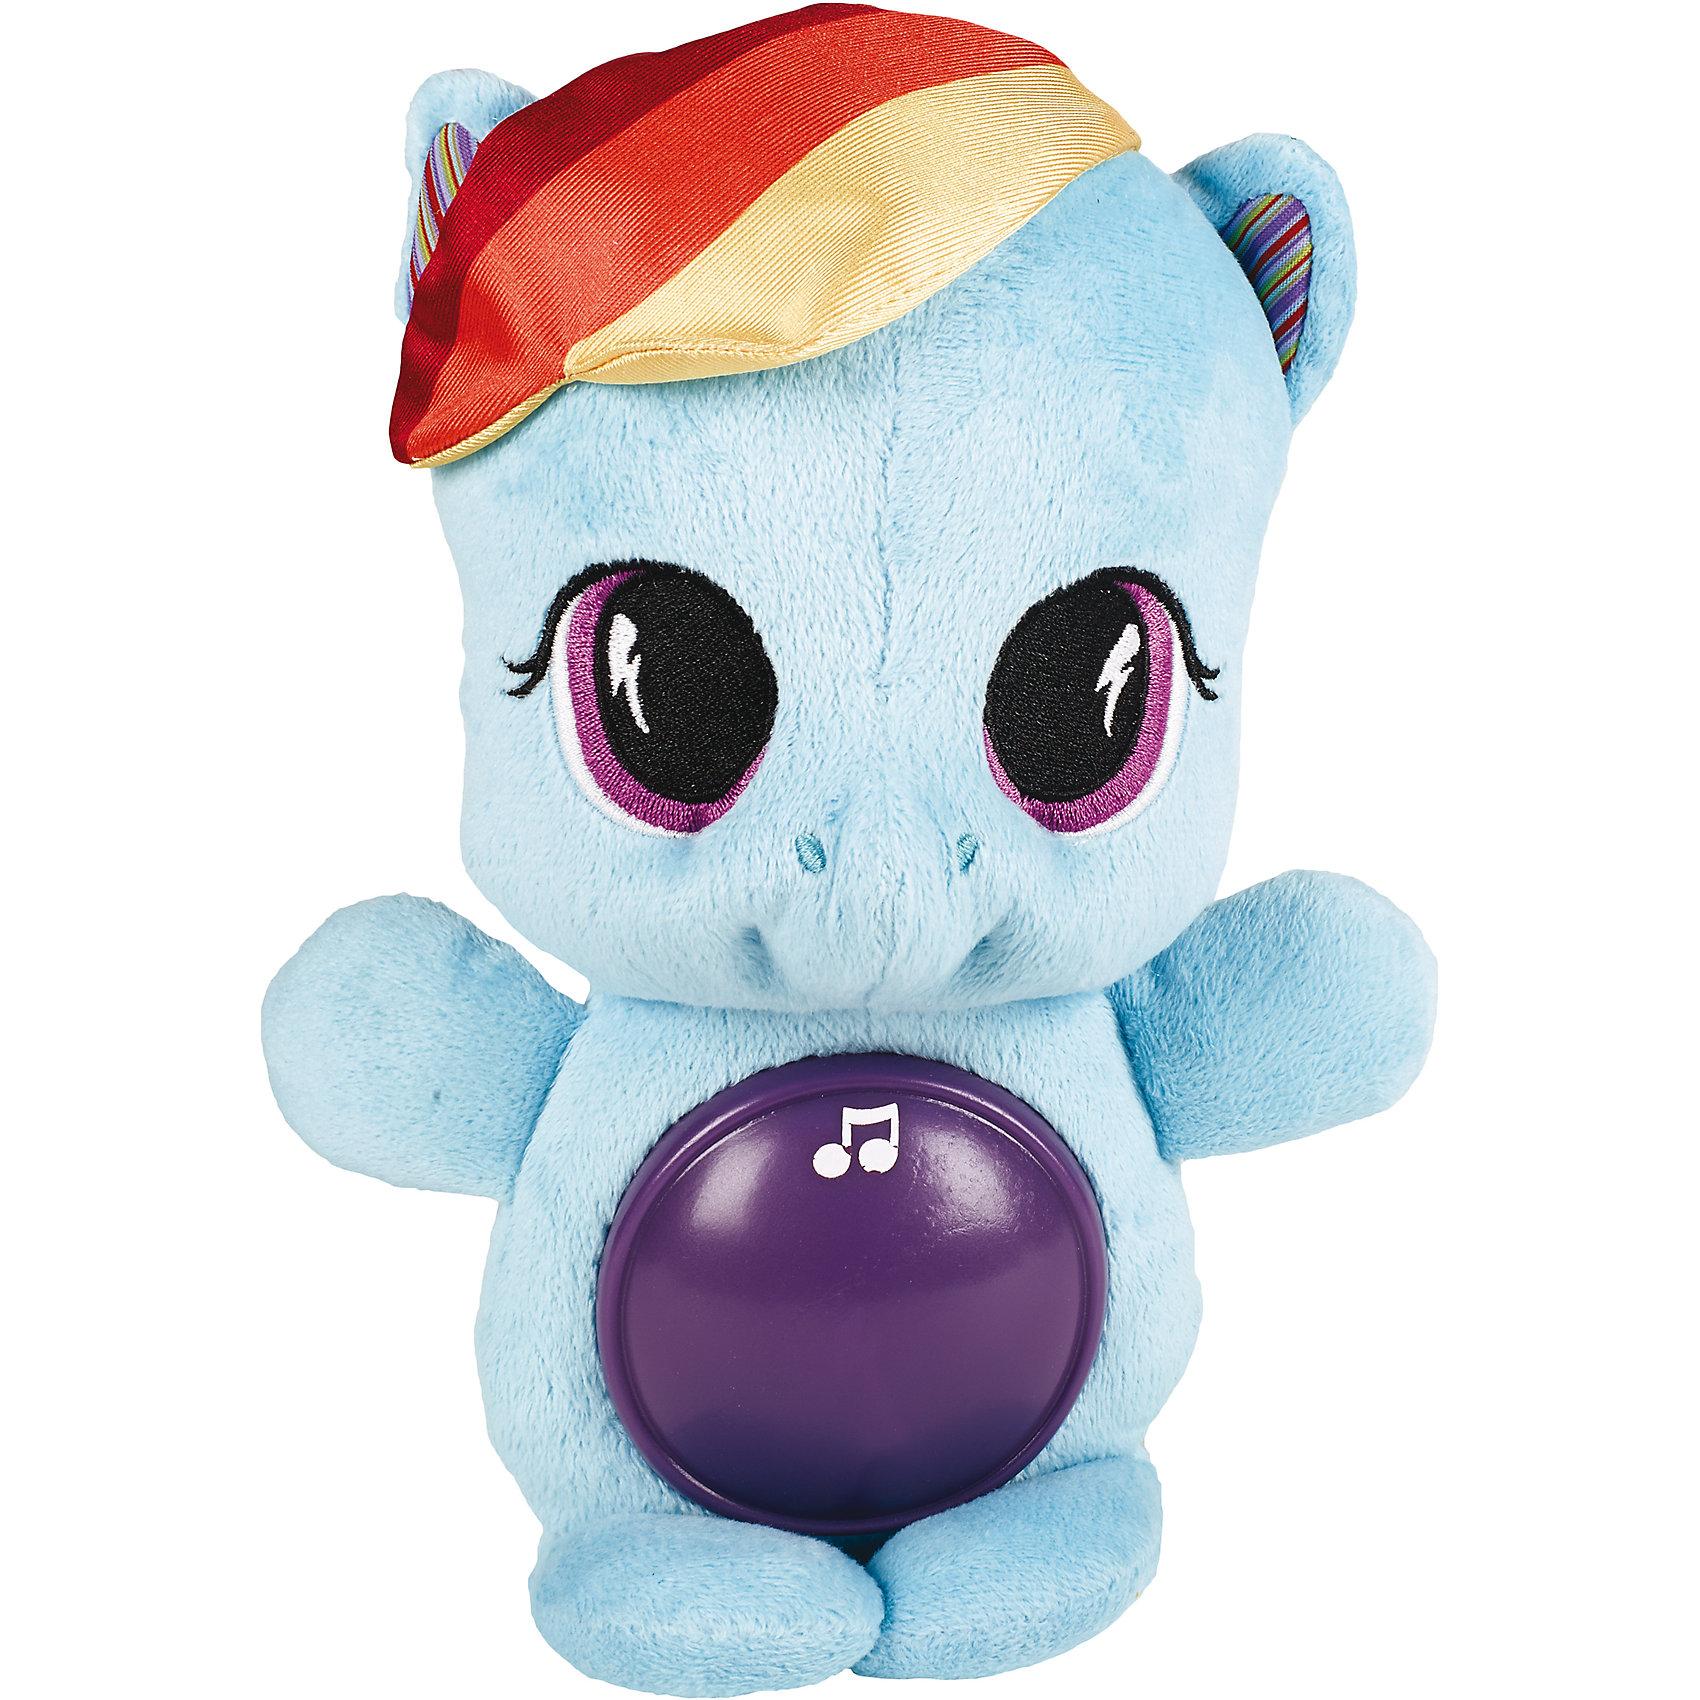 Мягкая пони, My little Pony, PLAYSKOOLMy little Pony Игрушки<br>Мягкая плюшевая пони играет успокаивающую музыку, а благодаря светящемуся животику, ребенку будет спокойнее засыпать.<br><br>Ширина мм: 81<br>Глубина мм: 152<br>Высота мм: 279<br>Вес г: 370<br>Возраст от месяцев: 0<br>Возраст до месяцев: 72<br>Пол: Женский<br>Возраст: Детский<br>SKU: 4252295